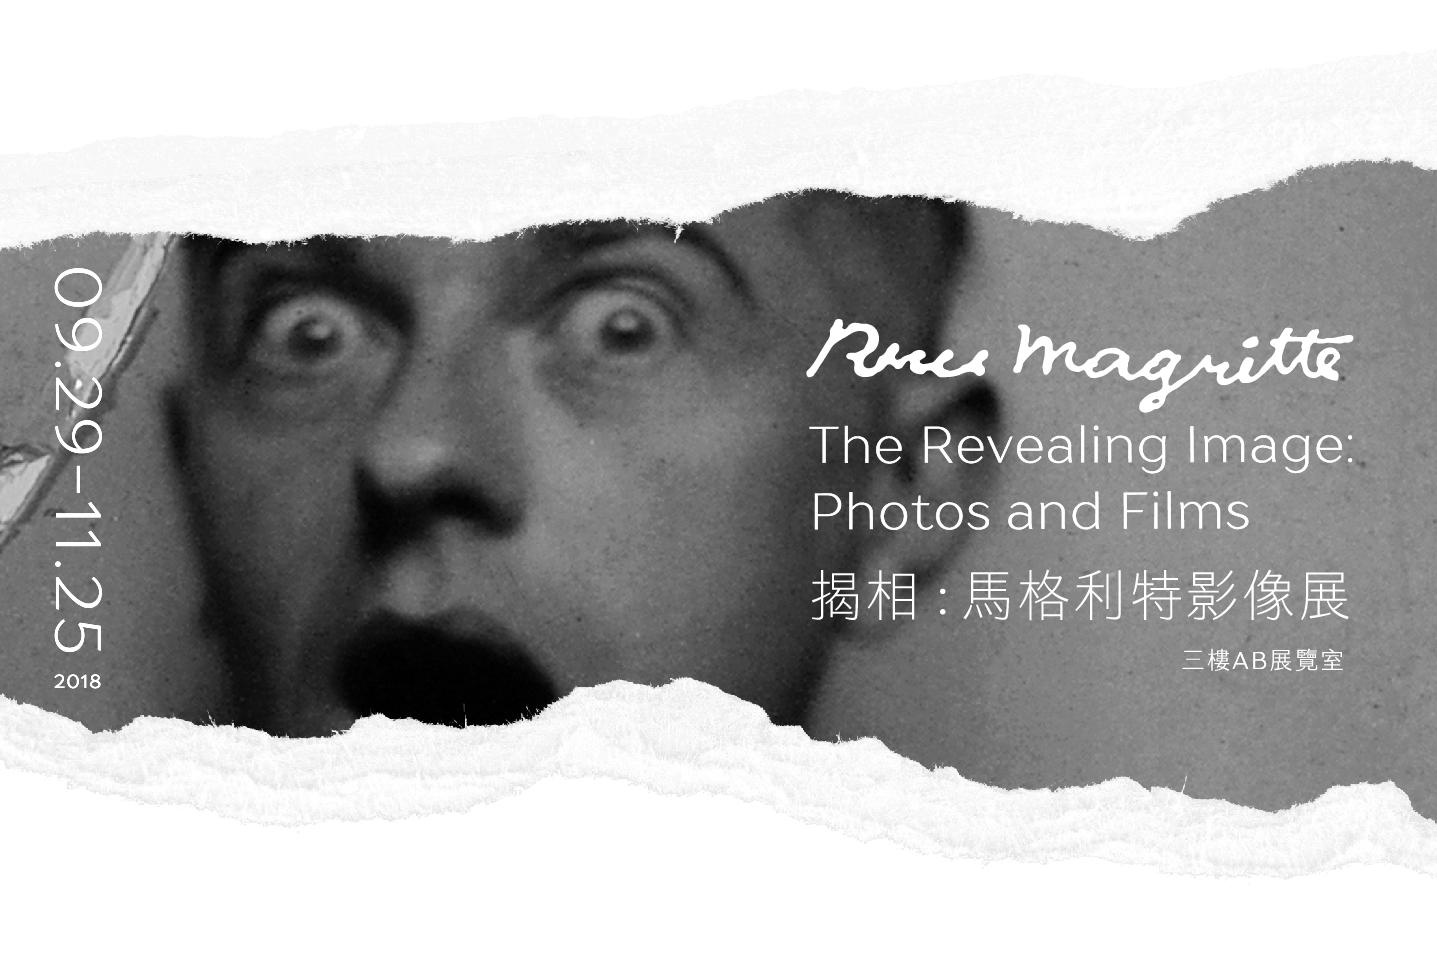 【馬格利特攝影展】永不逝去的超現實主義紳士啊,這場來自比利時的展不要錯過!